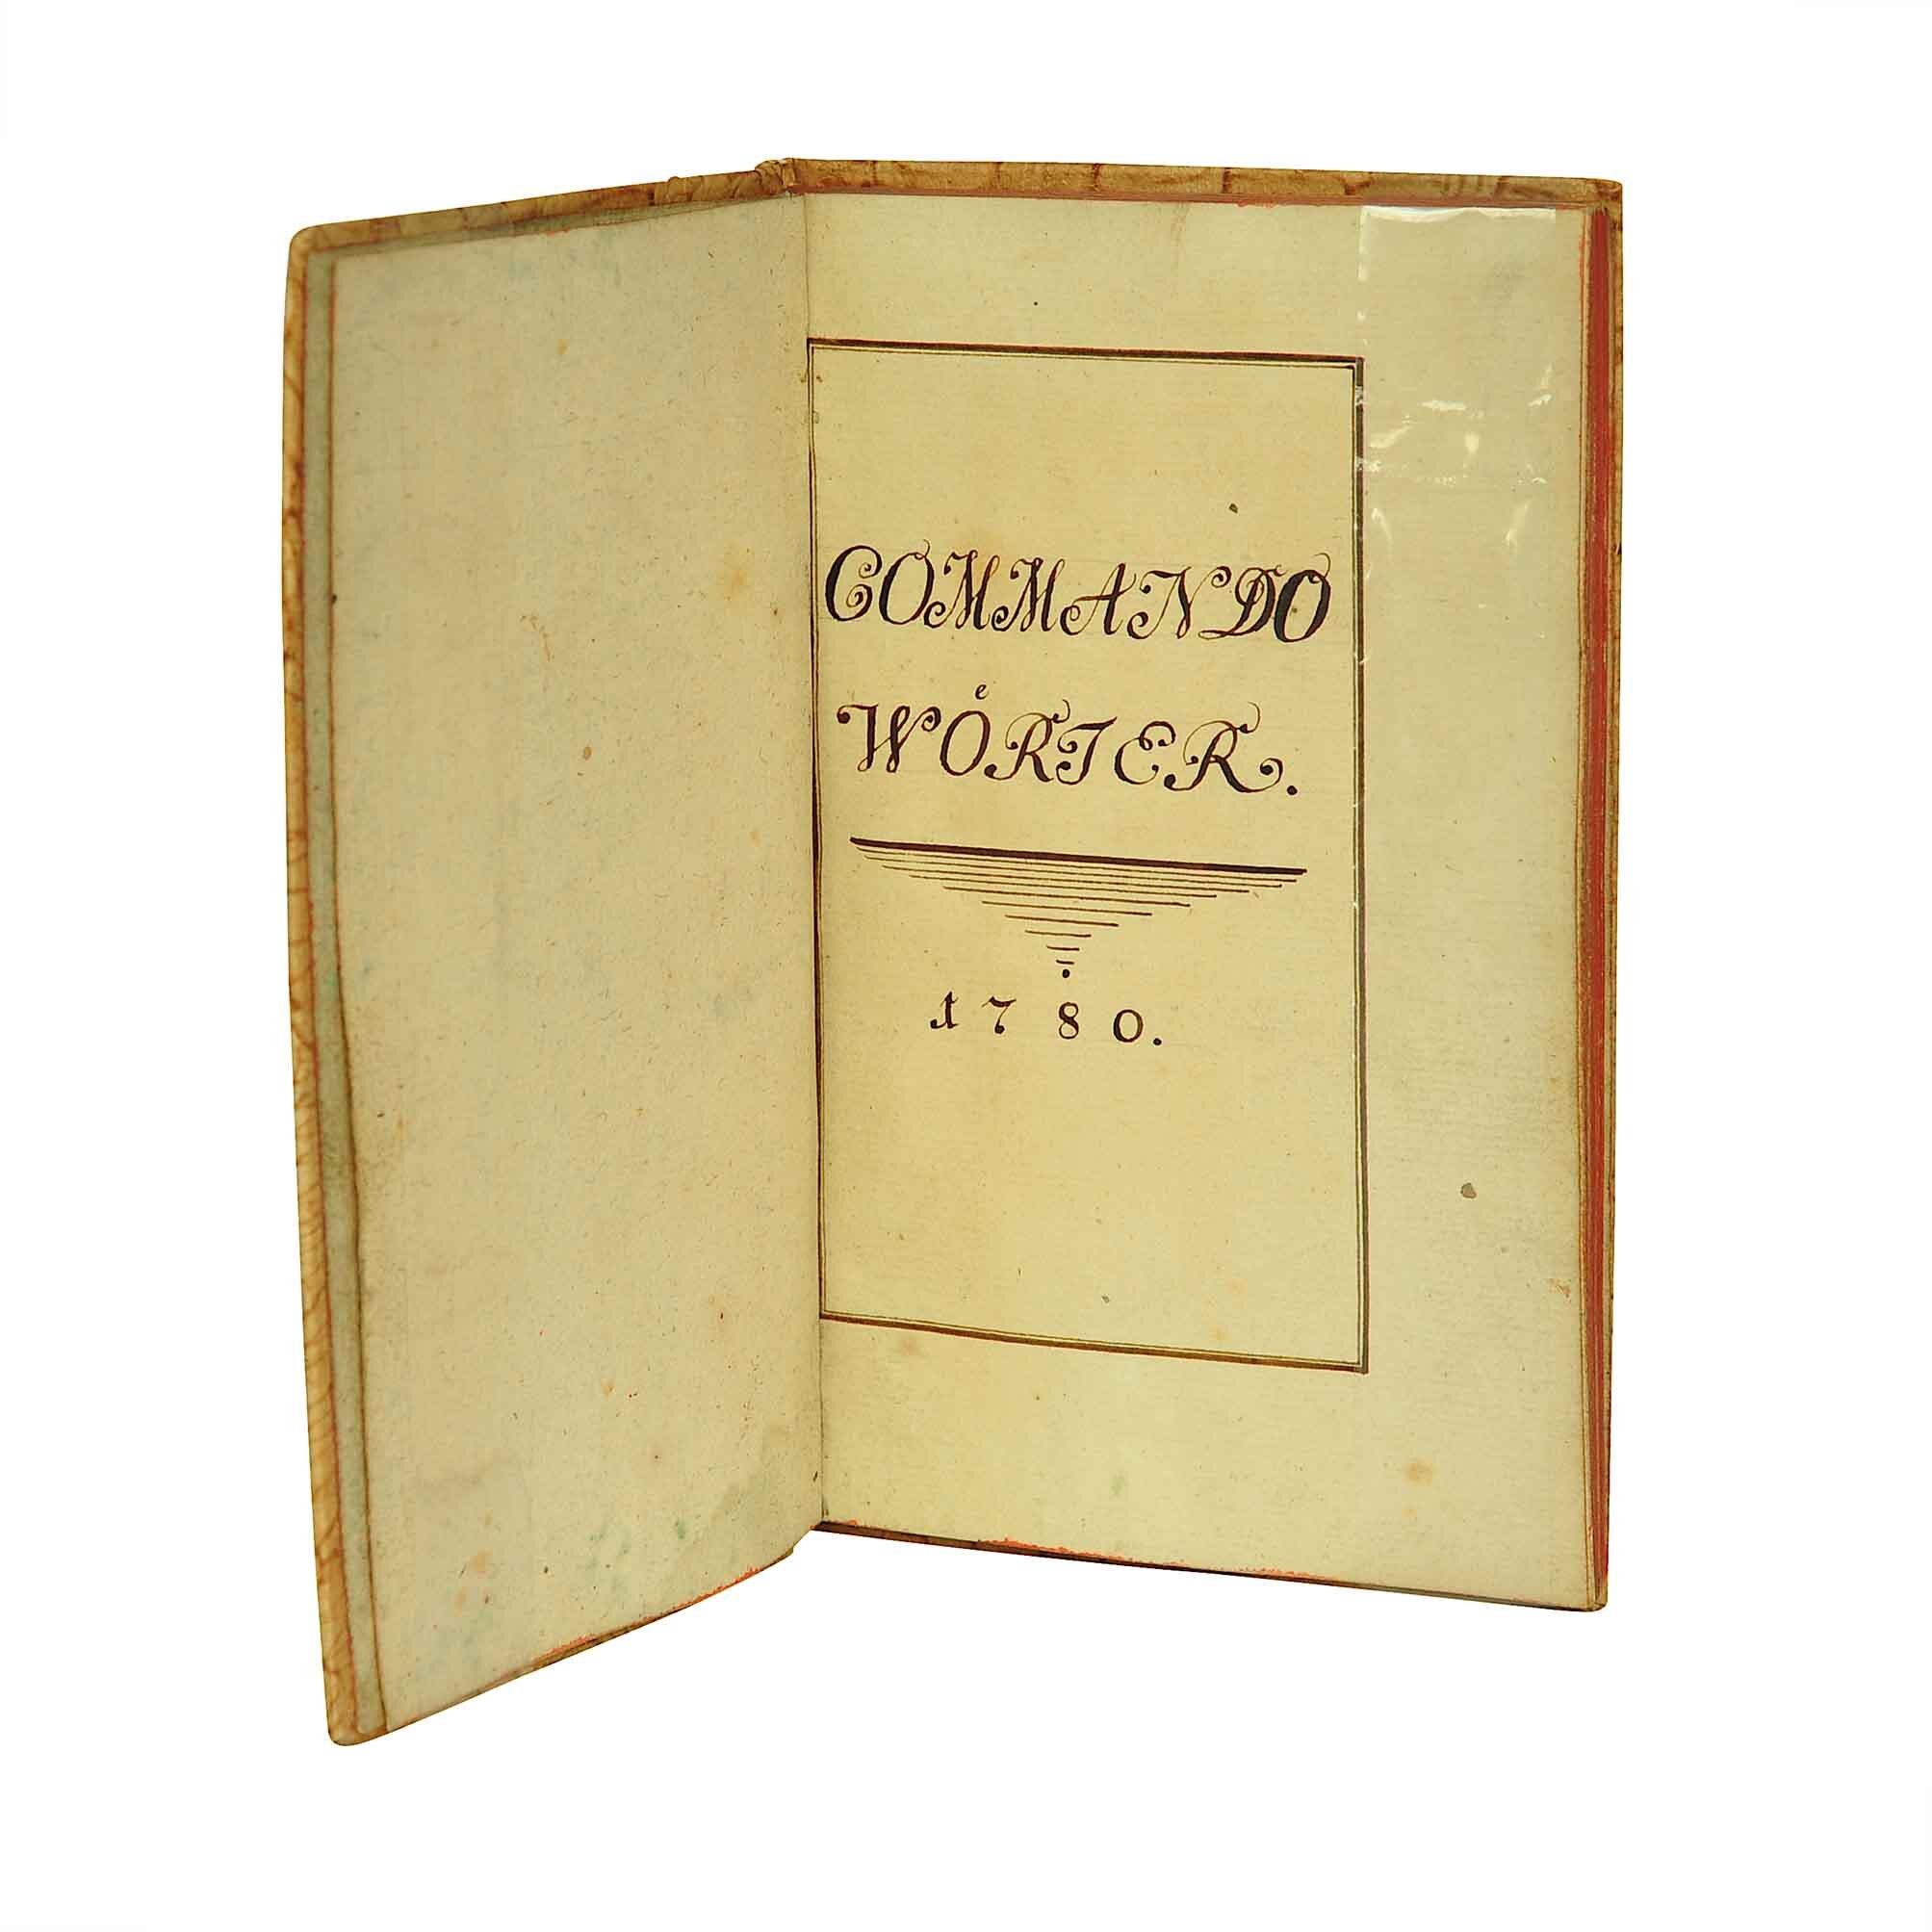 5637 Commando Wörter Handschift Kavallerie Österreich 1780 Titel A N